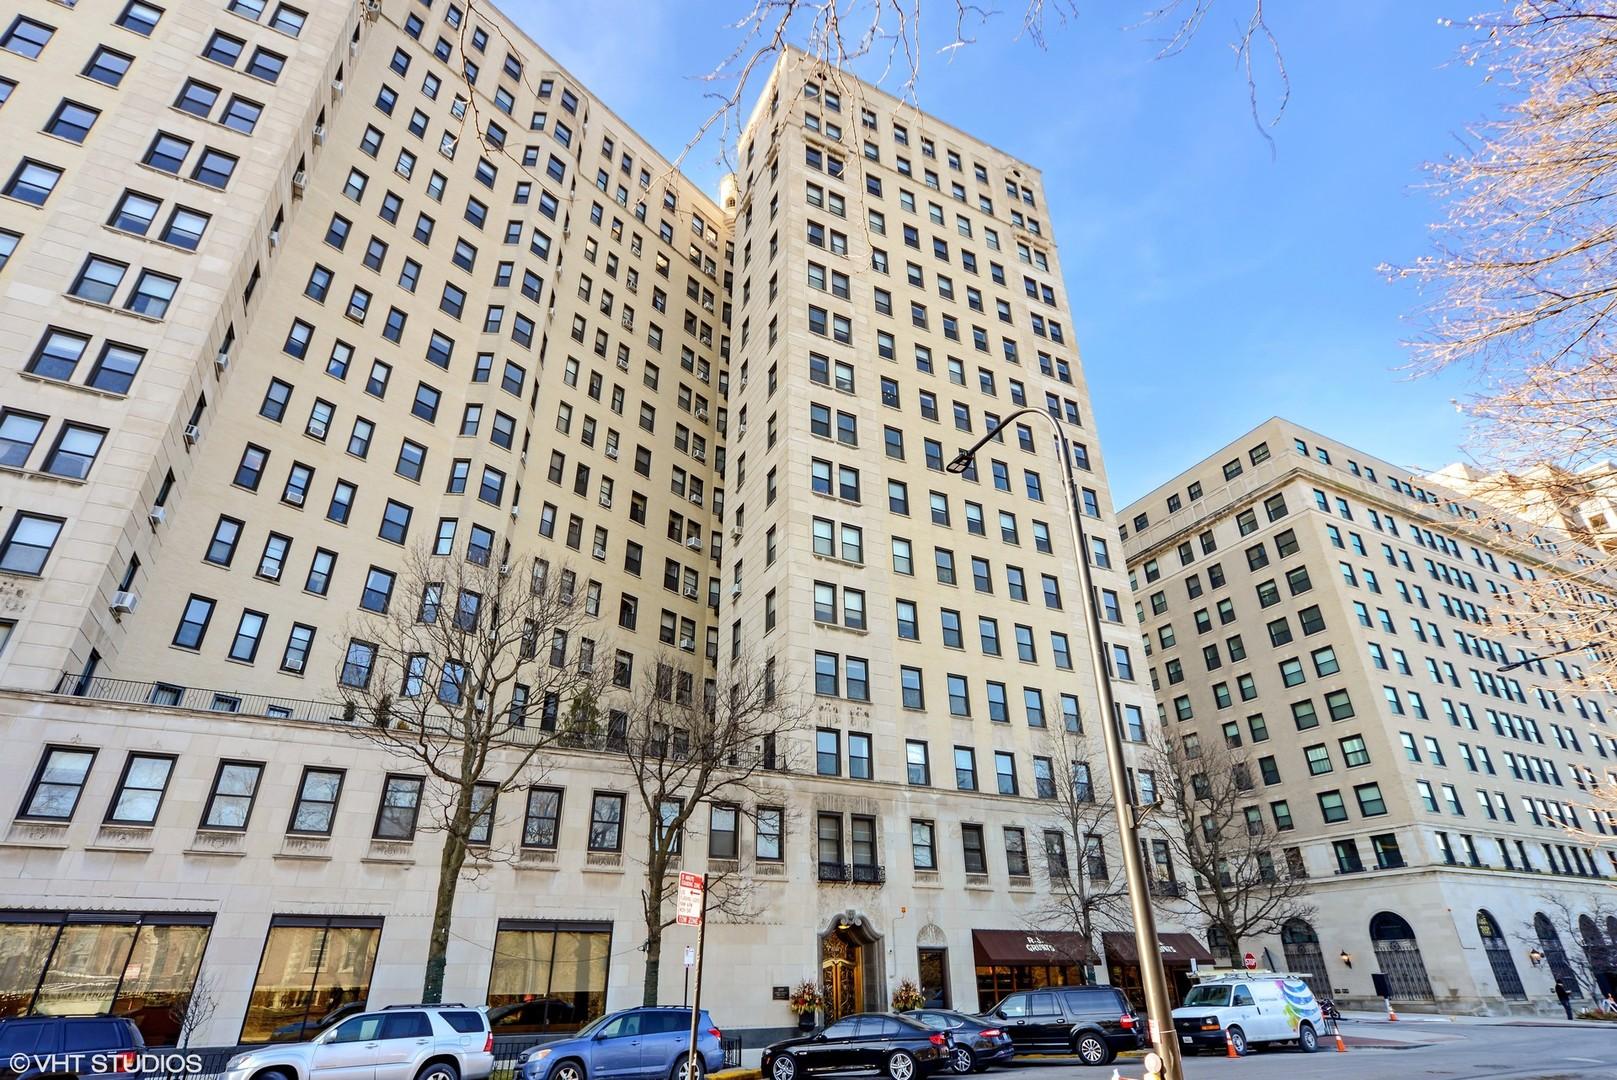 2000 Lincoln Park West Unit Unit 708 ,Chicago, Illinois 60614